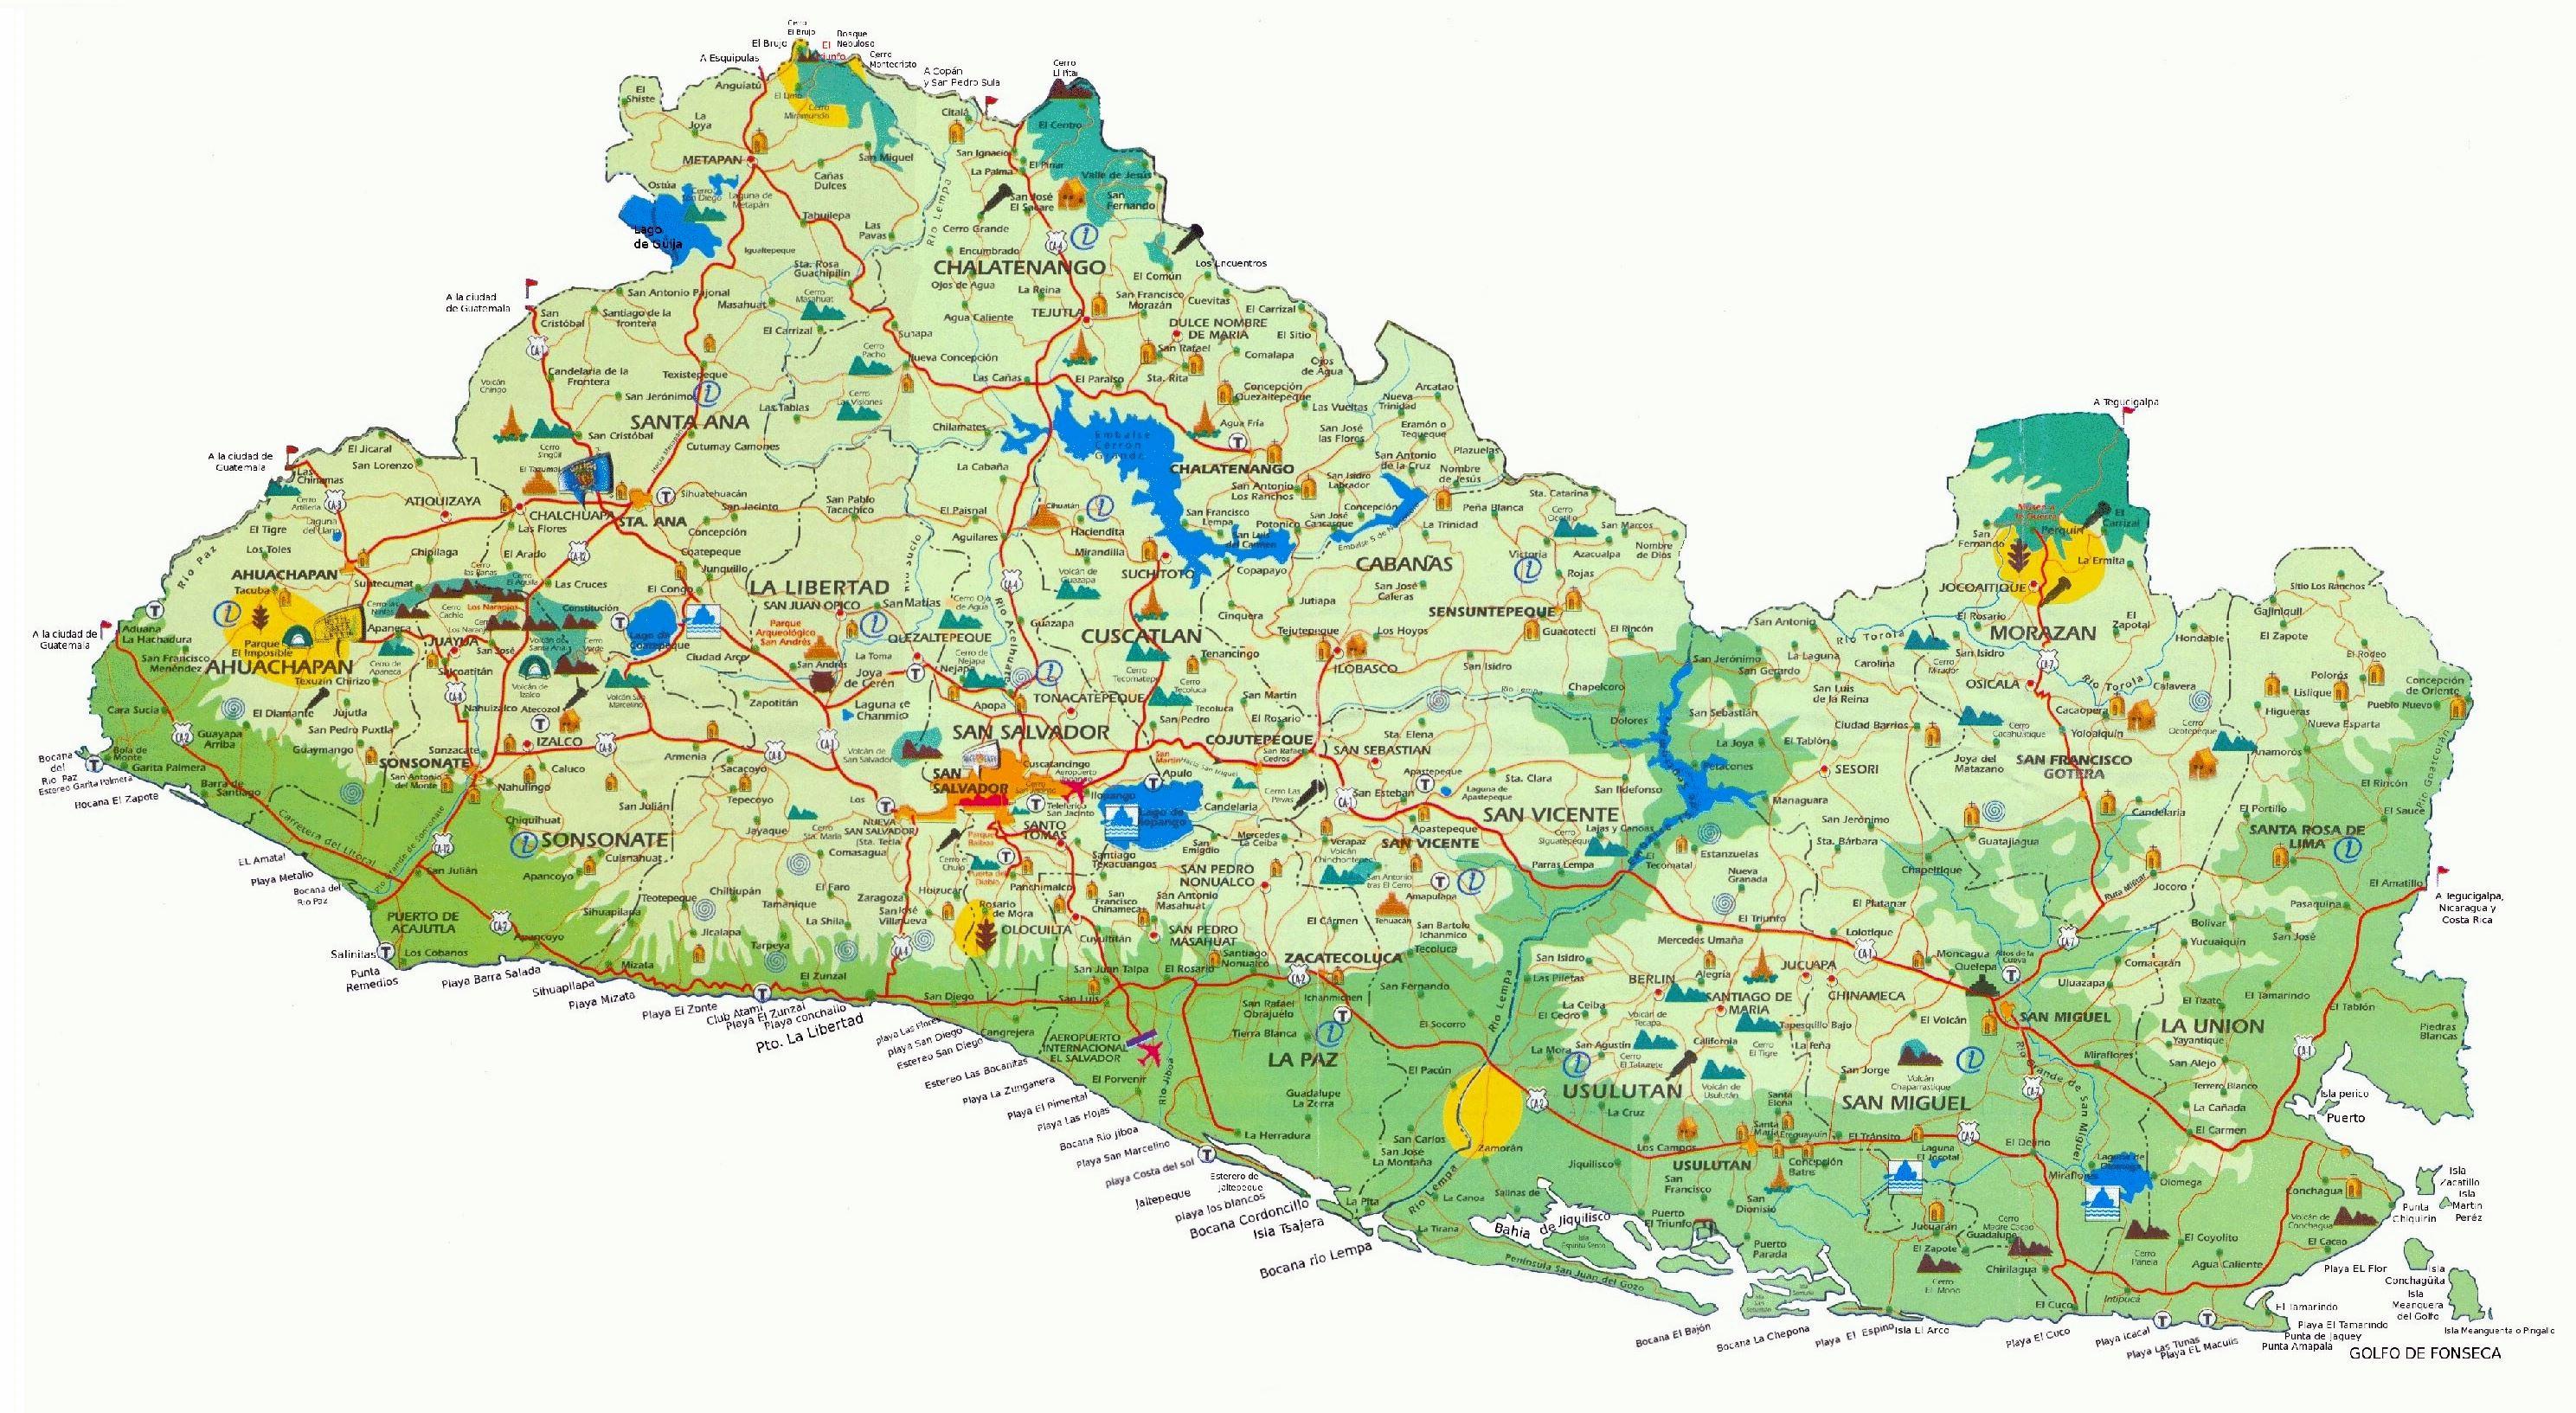 Mapas Detallados De Salvador Para Descargar Gratis E Imprimir